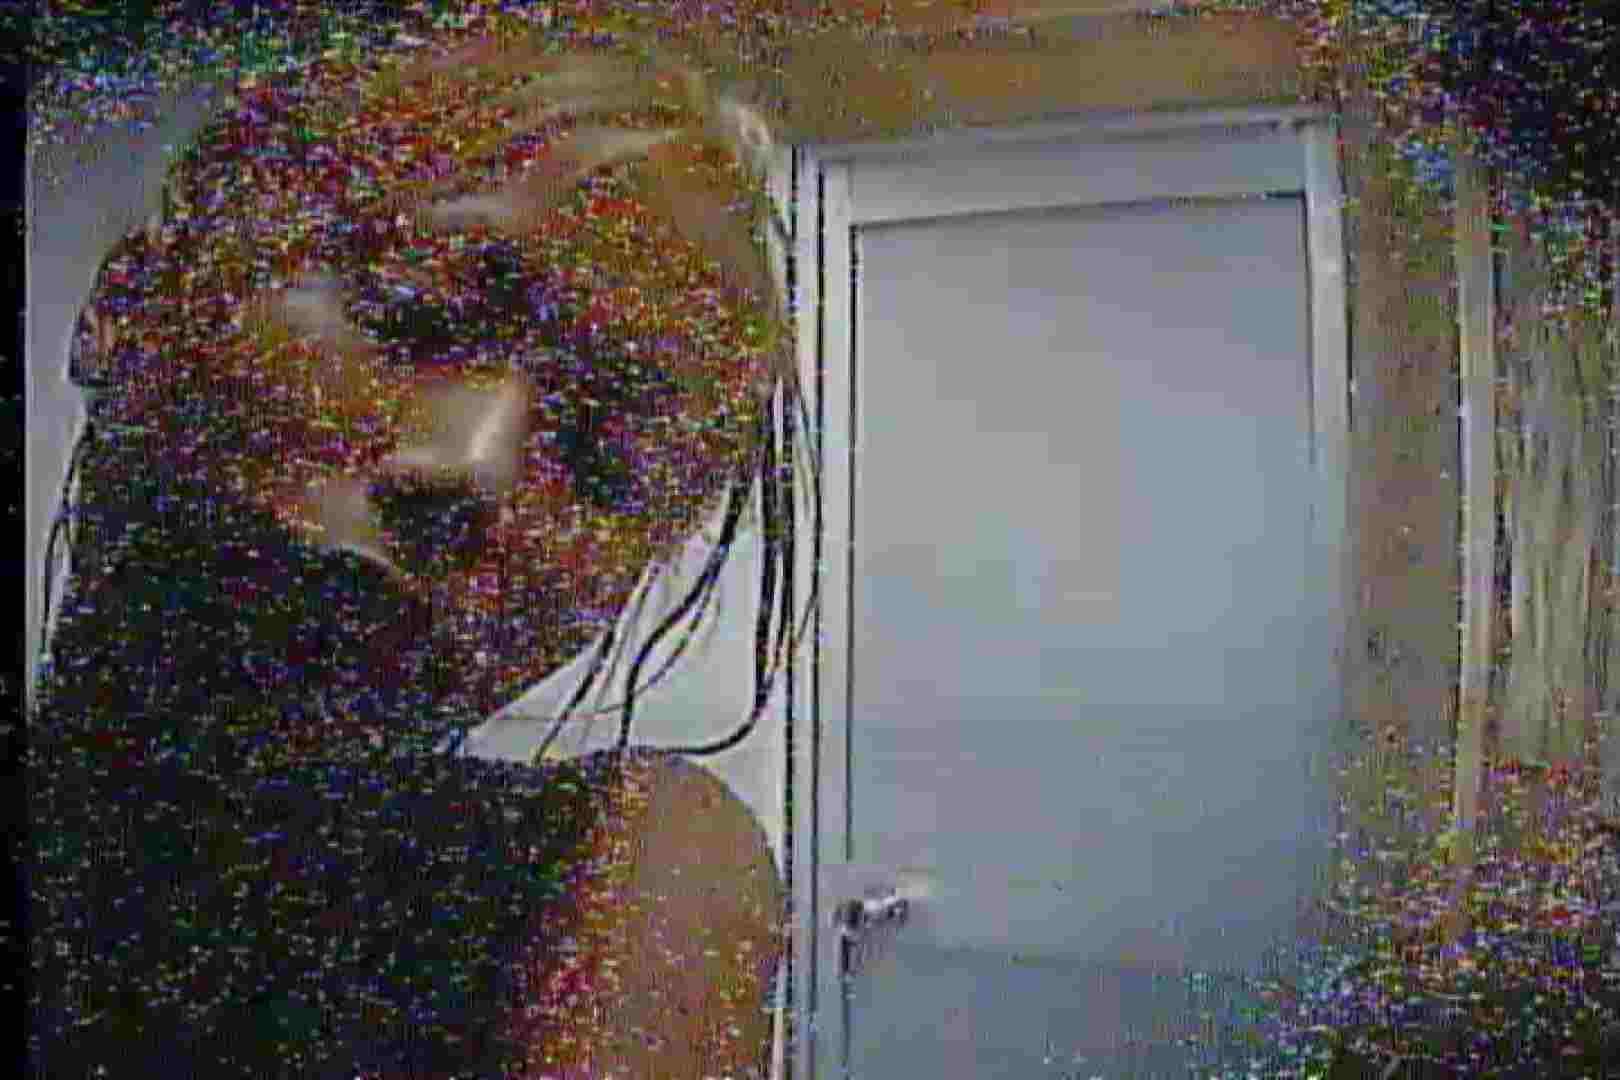 海の家の更衣室 Vol.20 シャワー エロ画像 107画像 86